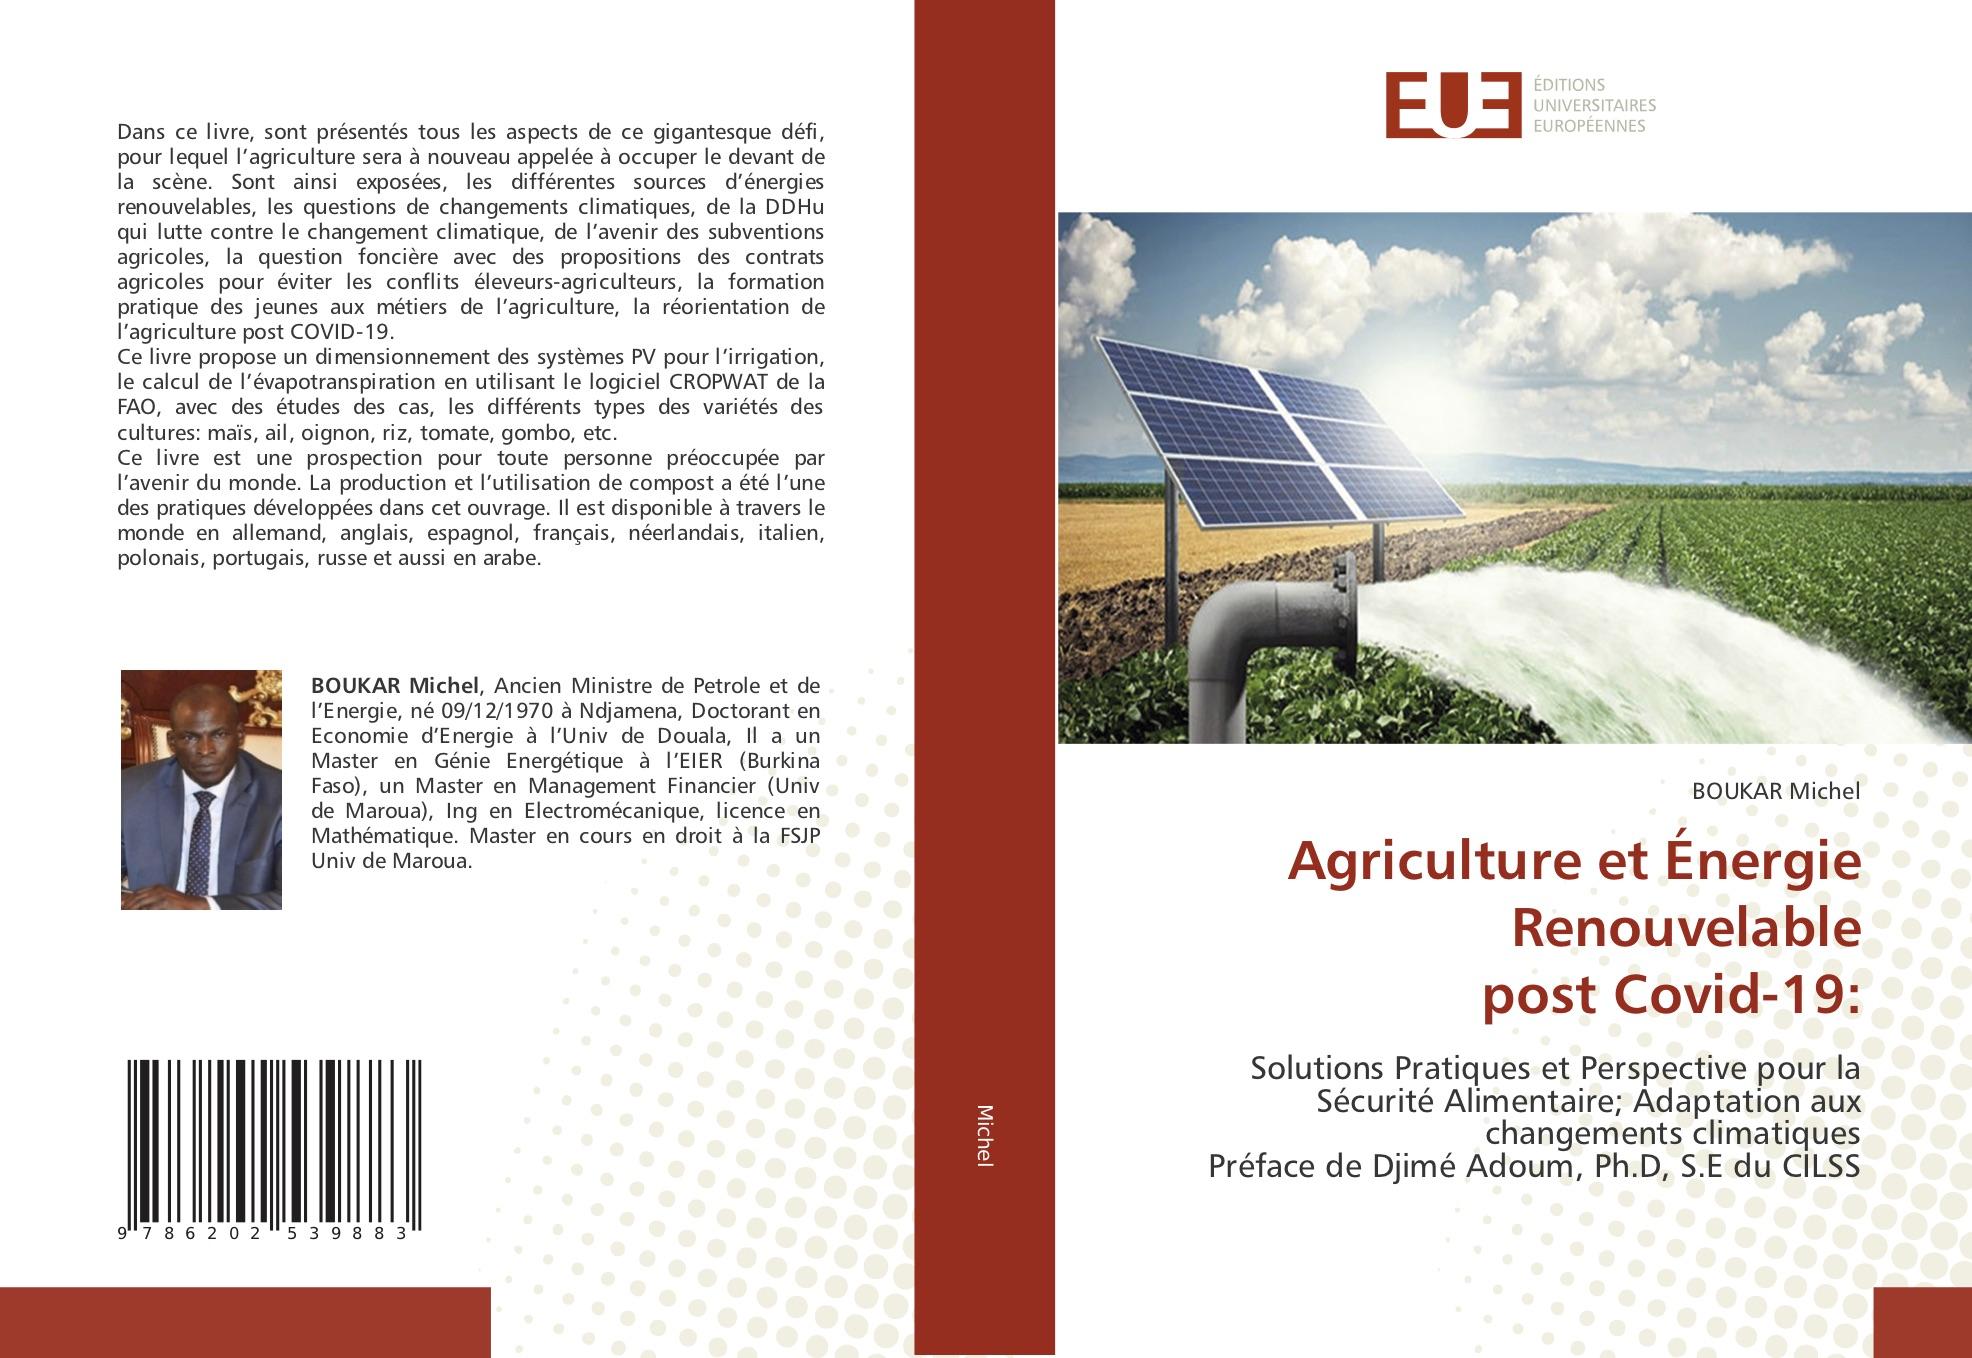 L'ex-ministre Boukar Michel sort un livre sur l'agriculture et l'énergie renouvelable post Covid-19